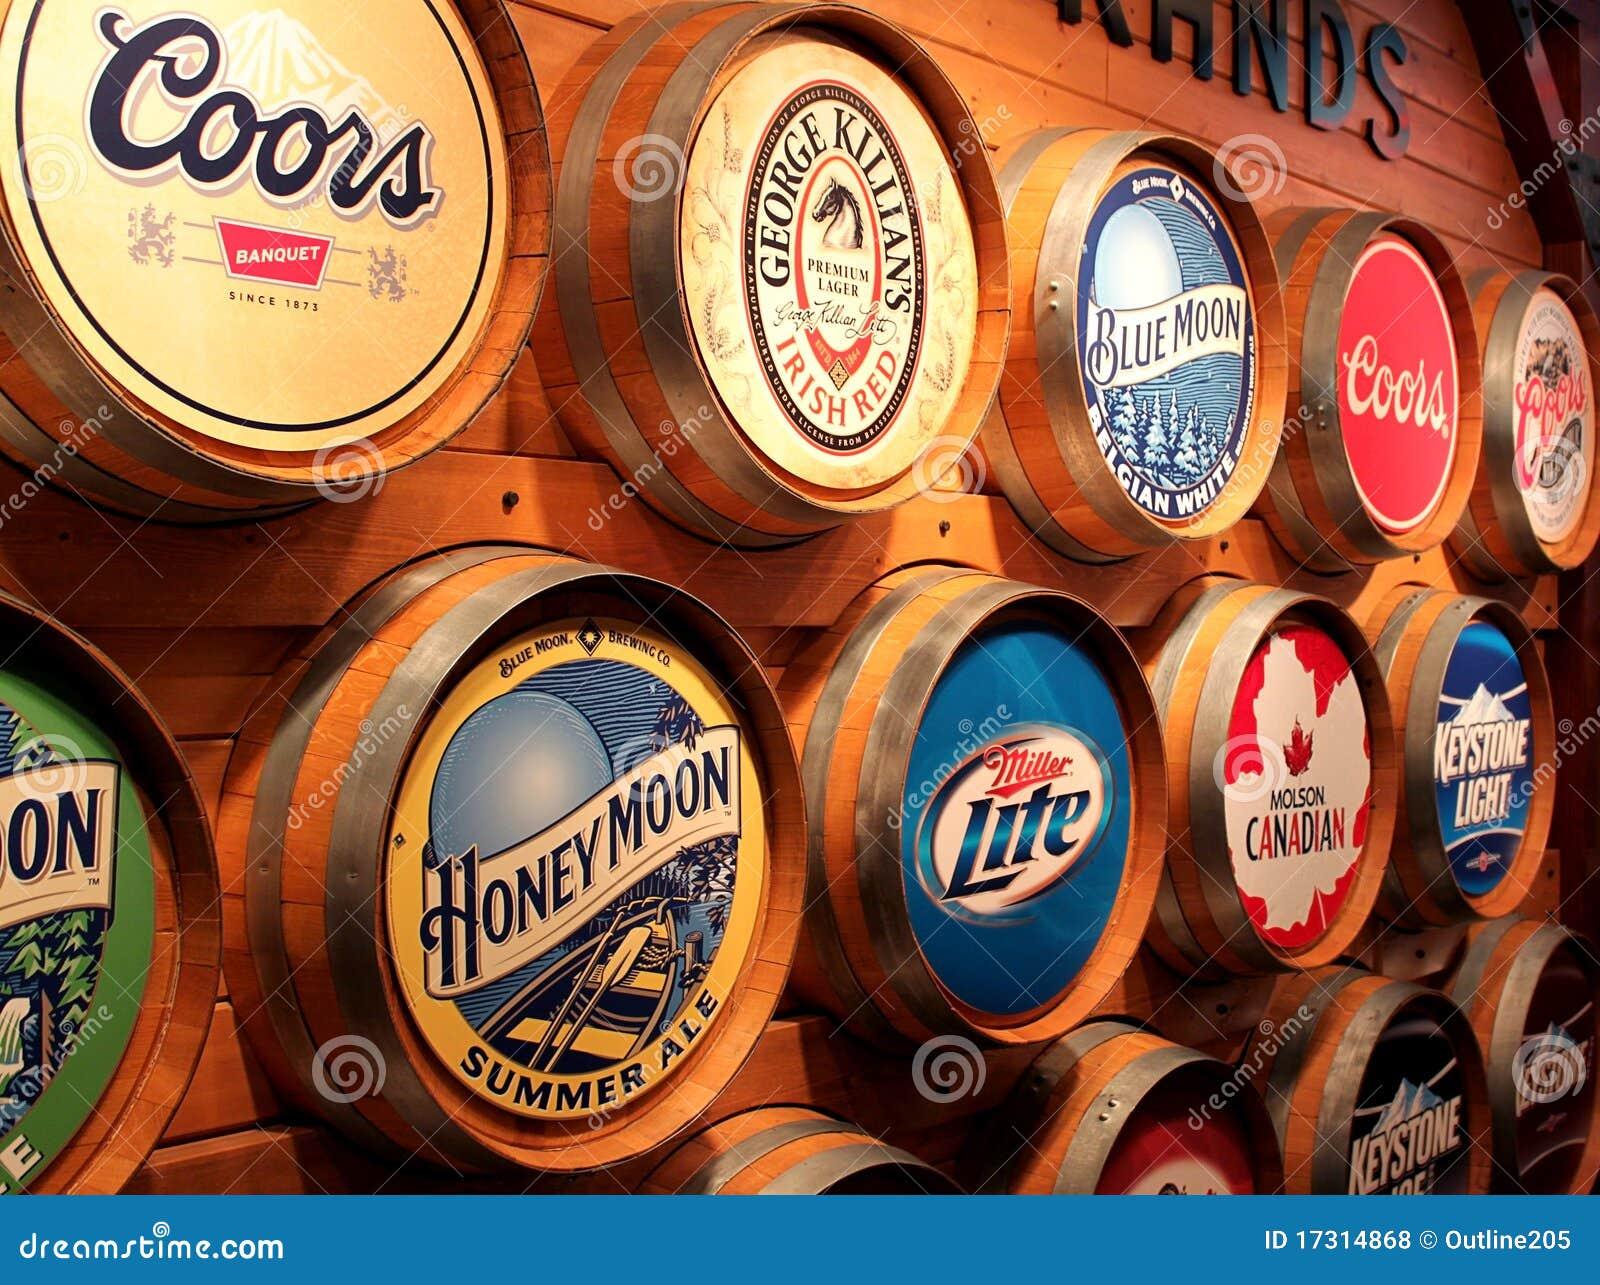 Coors beer brands